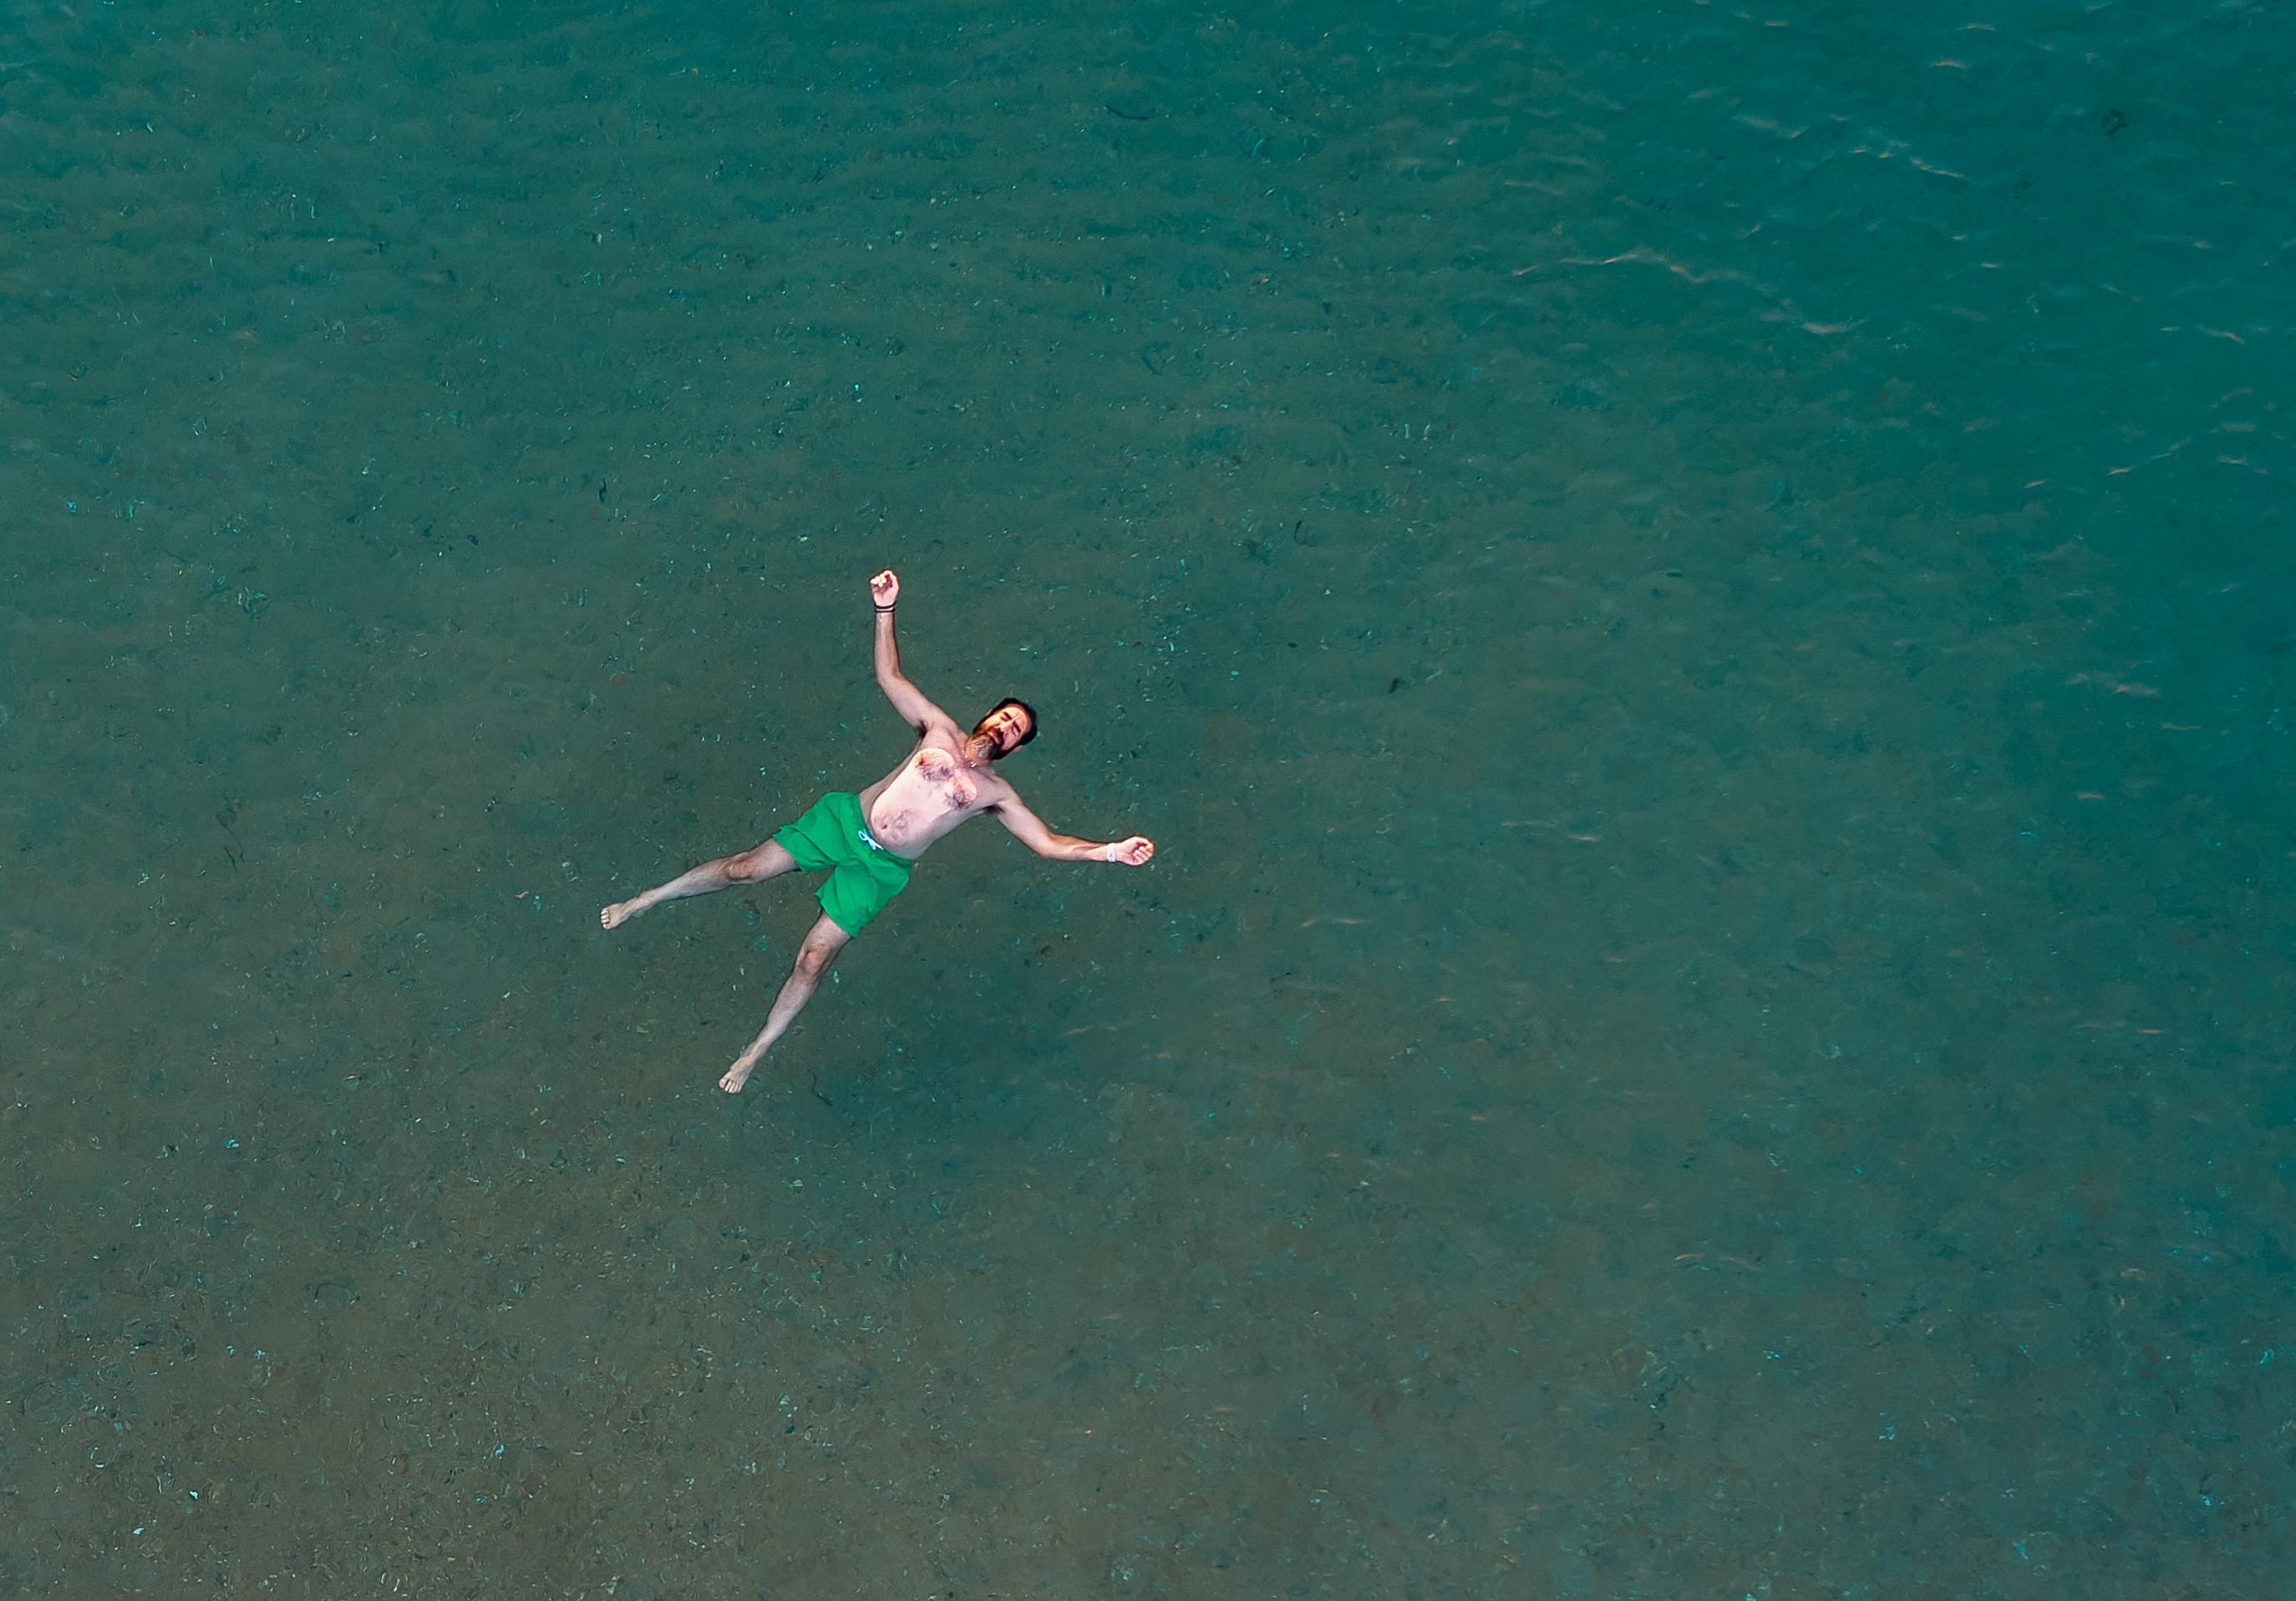 Καιρός: Δεν λέει να φύγει το καλοκαίρι! Θερμοκρασίες Ιουνίου ακόμα στις θάλασσες